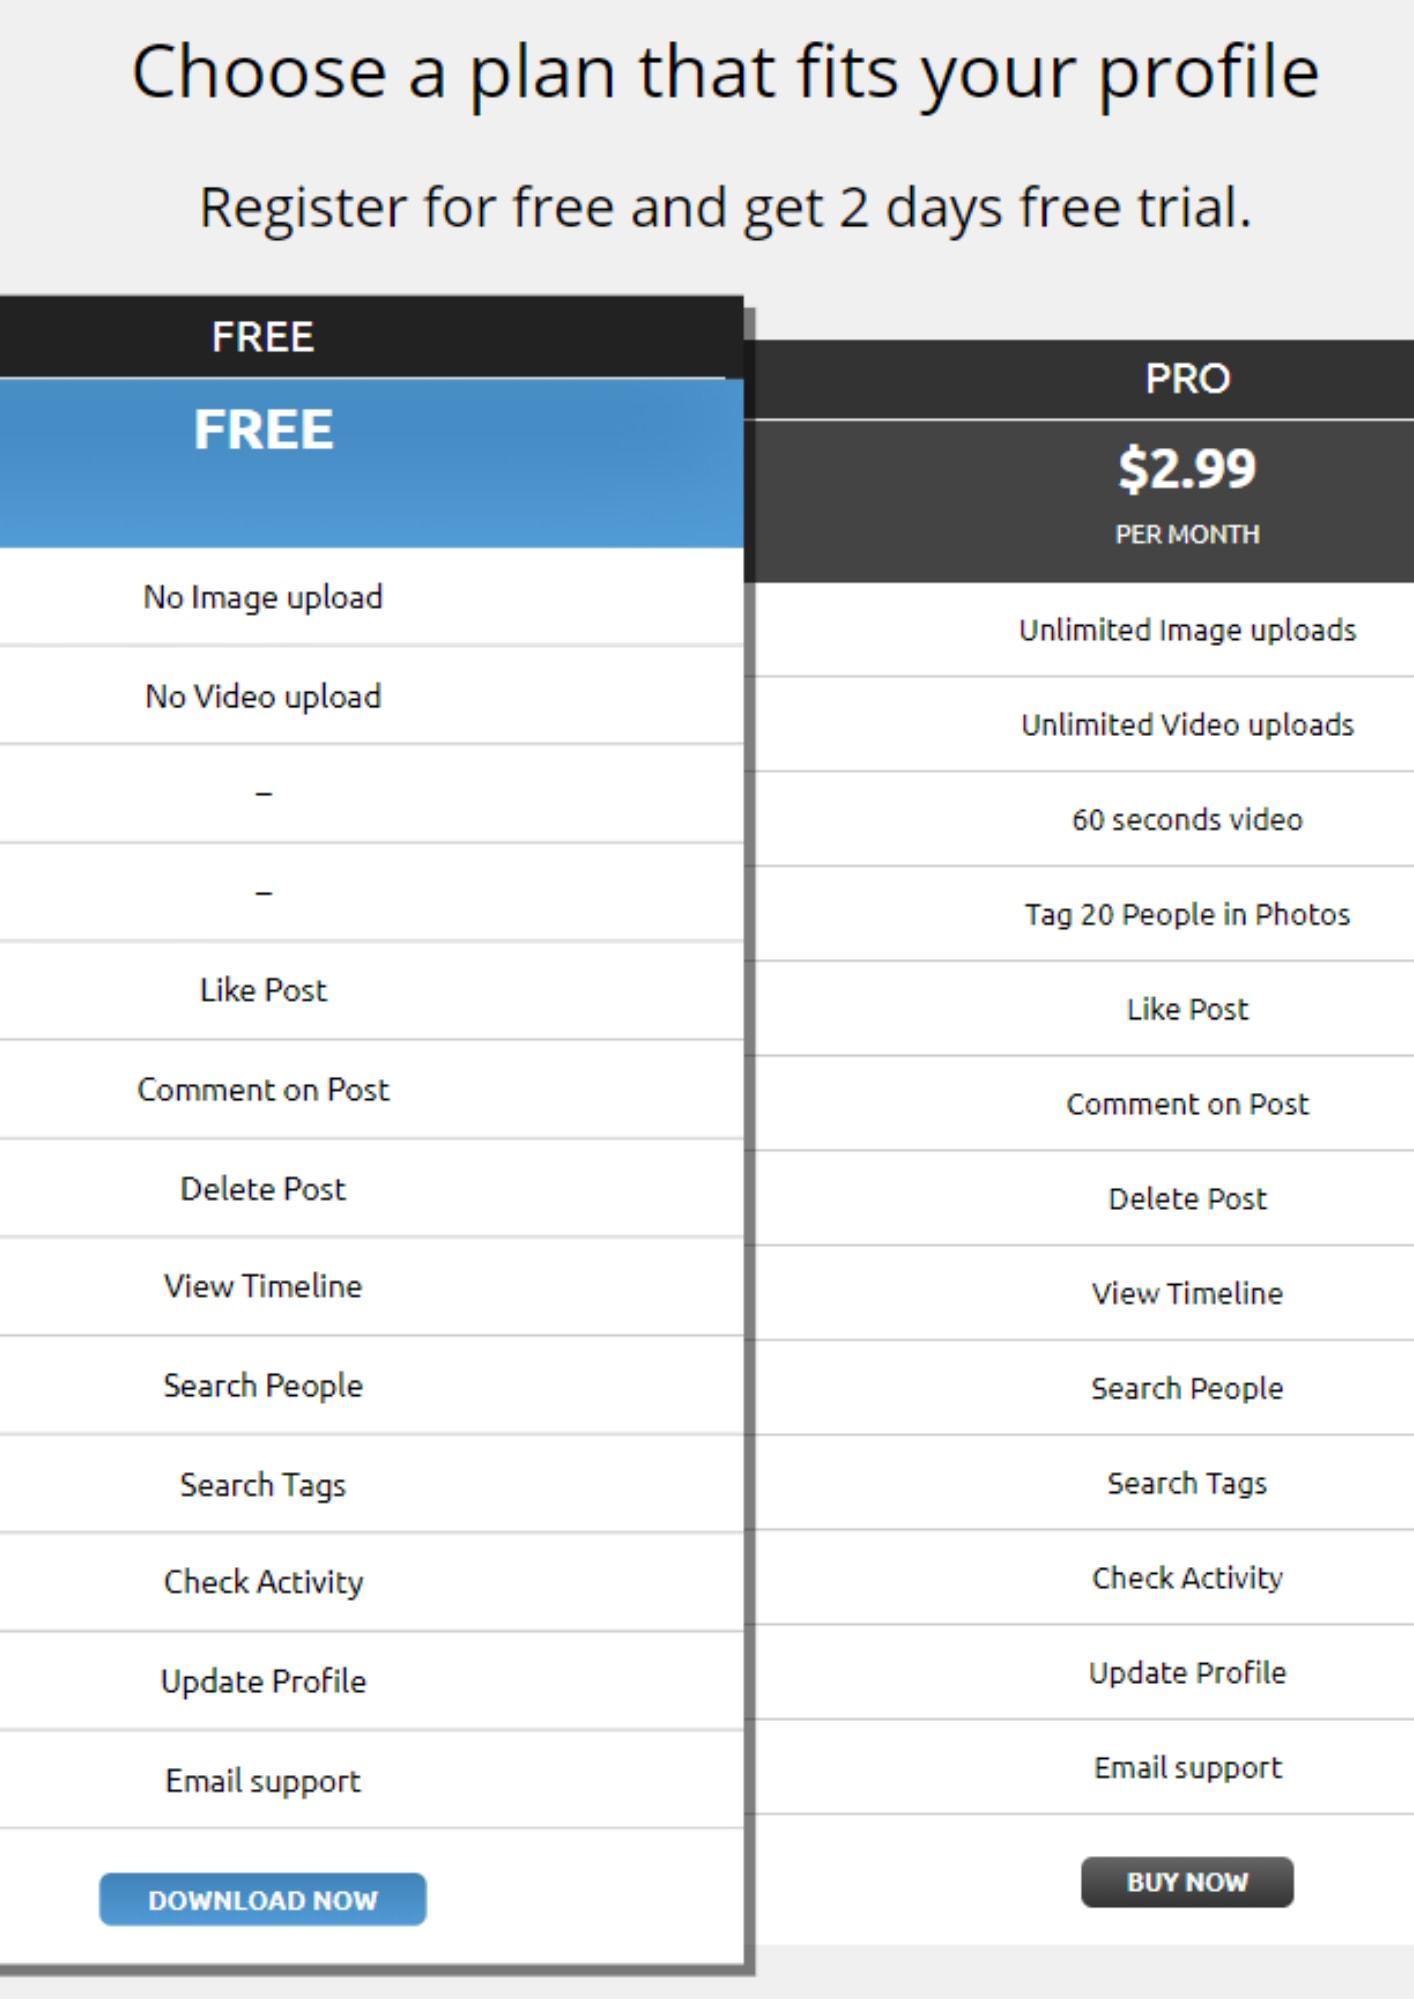 deskgram pricing - Deskgram - Top alternatives and reviews [Updated 2021]